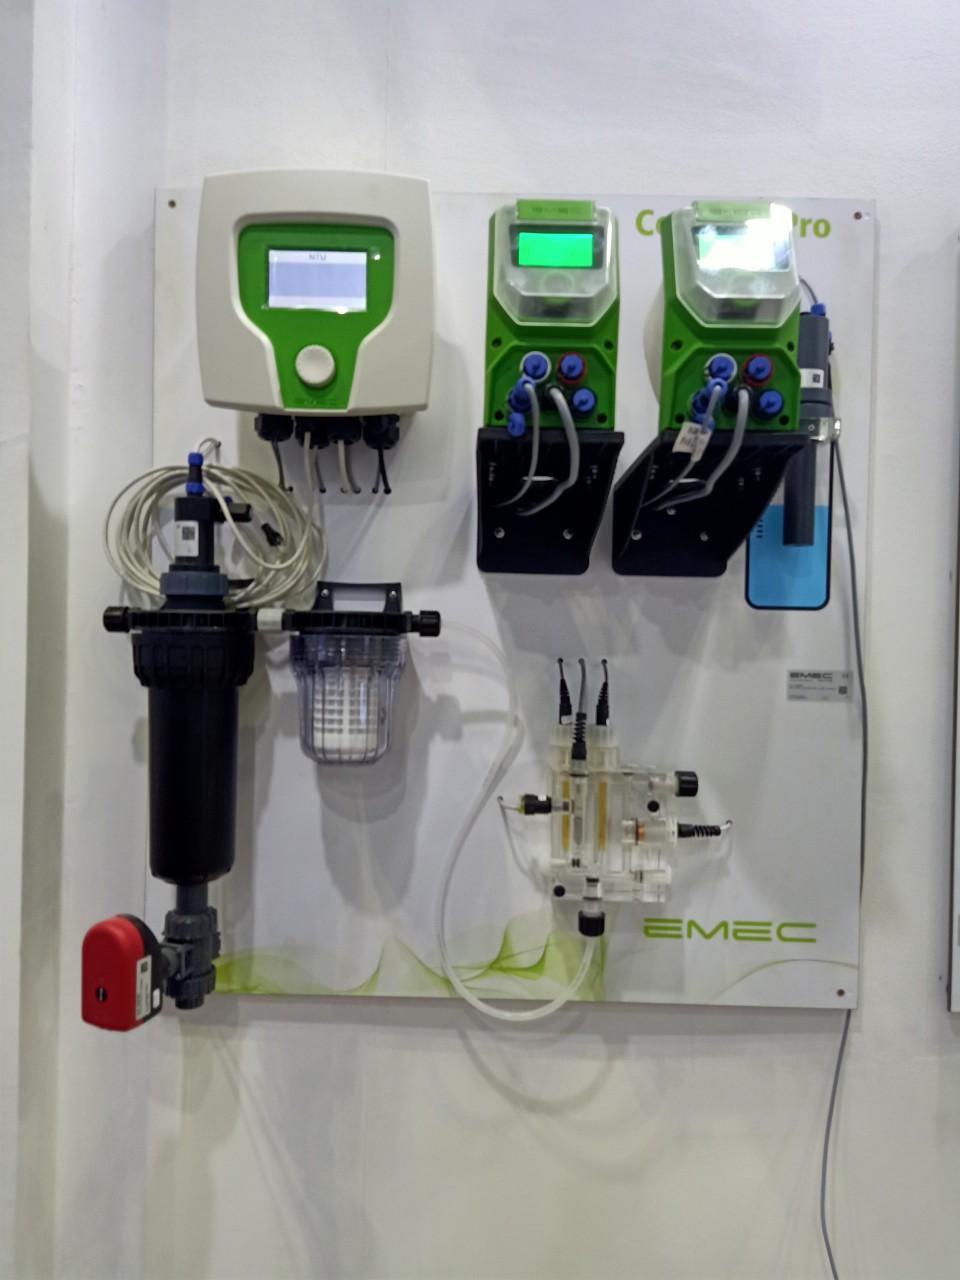 Thiết bị đo và kiểm soát pH, Chlorine, độ dẫn điện và độ đục trong nước